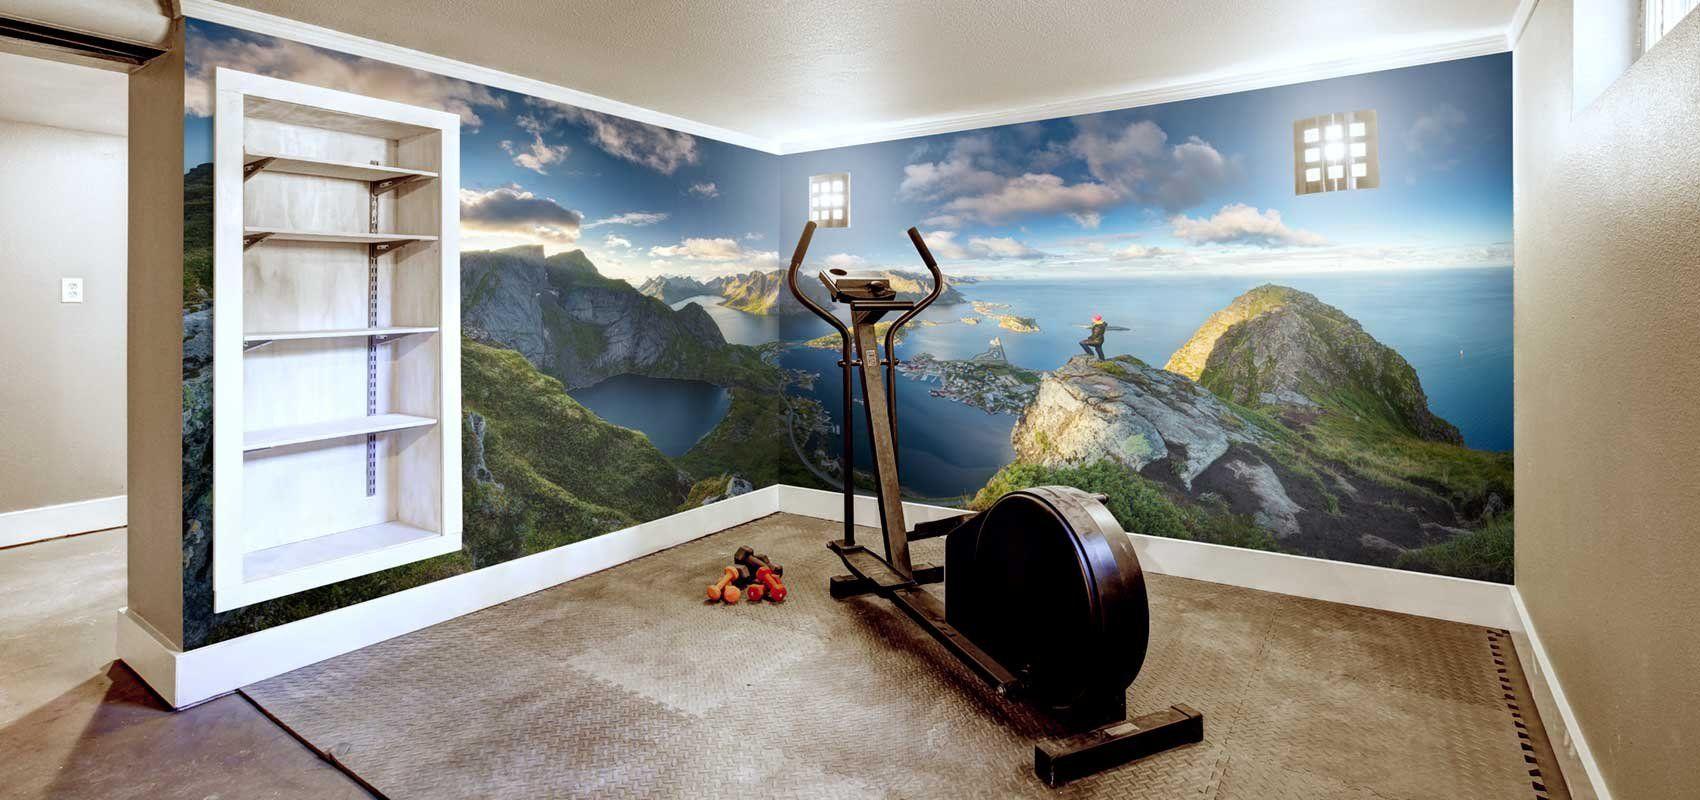 Mural paysage gym à la maison | Décor Mon Mur